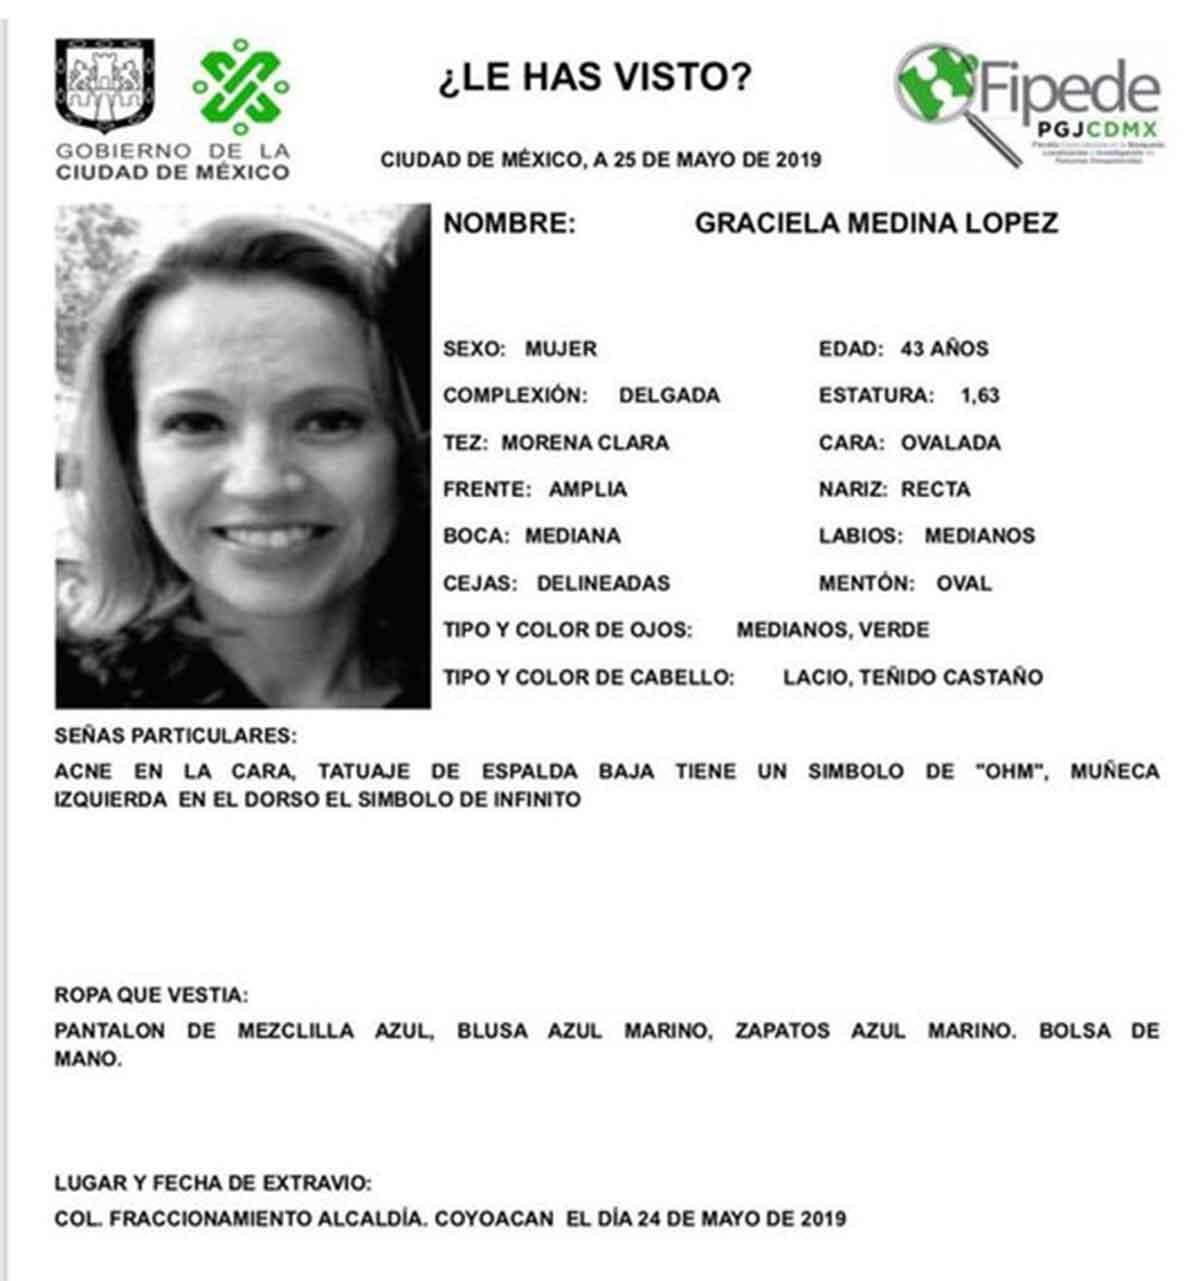 Descartan crimen organizado tras asesinato de mujer en Iztapalapa